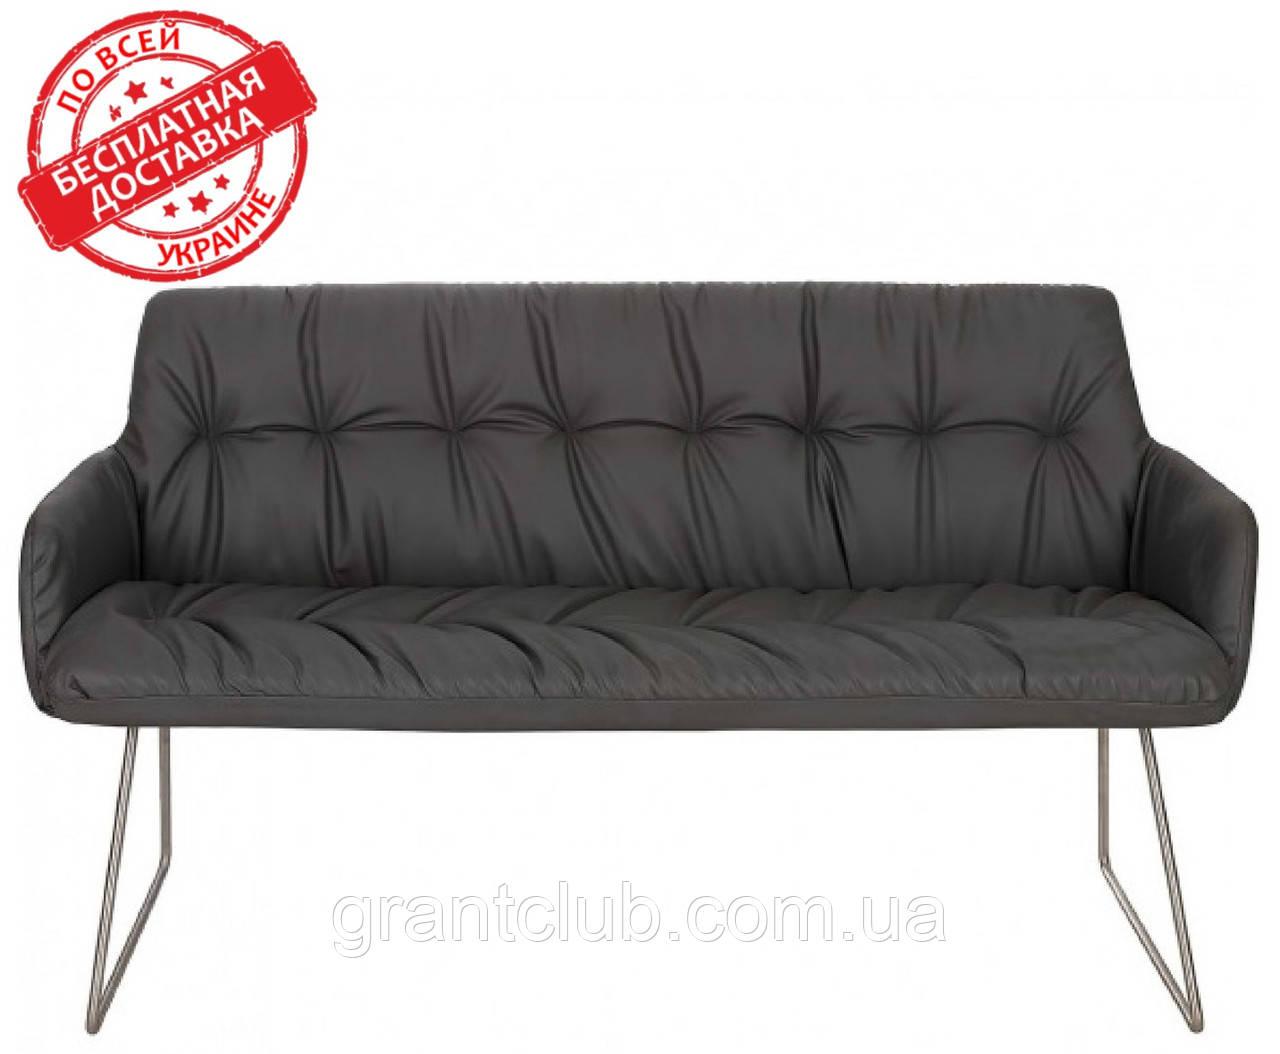 Крісло - банкетка LEON темно-сірий кожзам 155 см Nicolas (безкоштовна адресна доставка)